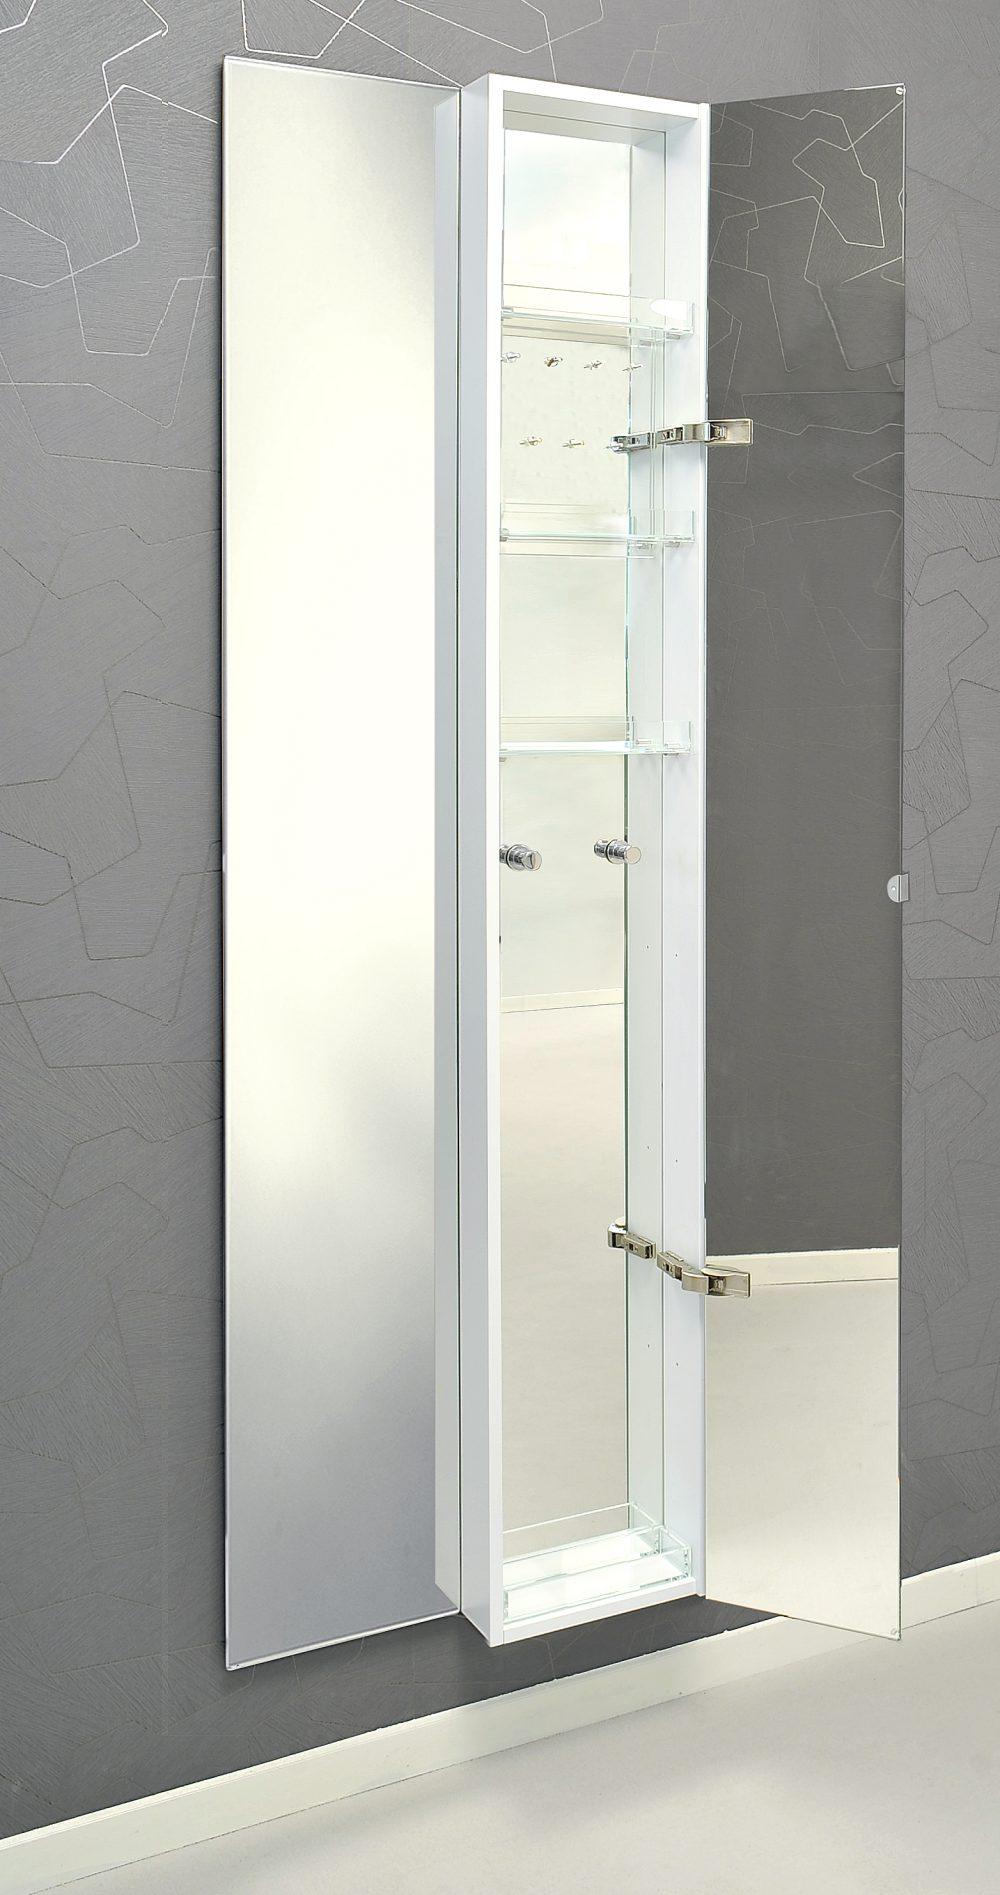 Hochwertiger Spiegelschrank Weiss Lackiert Zur Wandmontage In